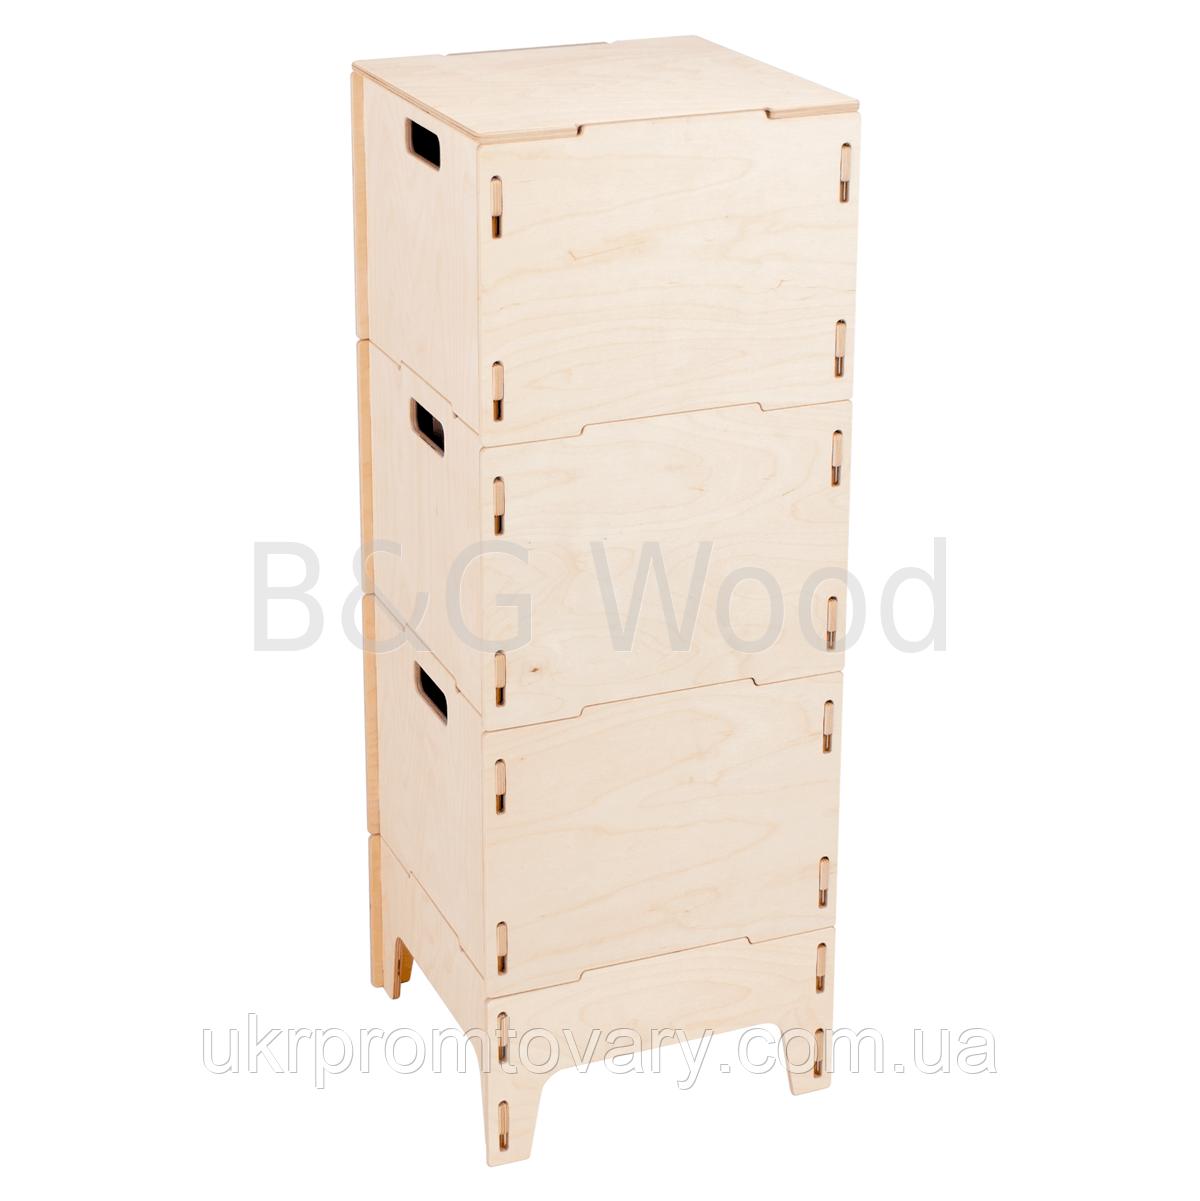 Ящик для хранения вещей тройной на ножках, мебель SPORTMORE, натуральное дерево, фанера от производителя